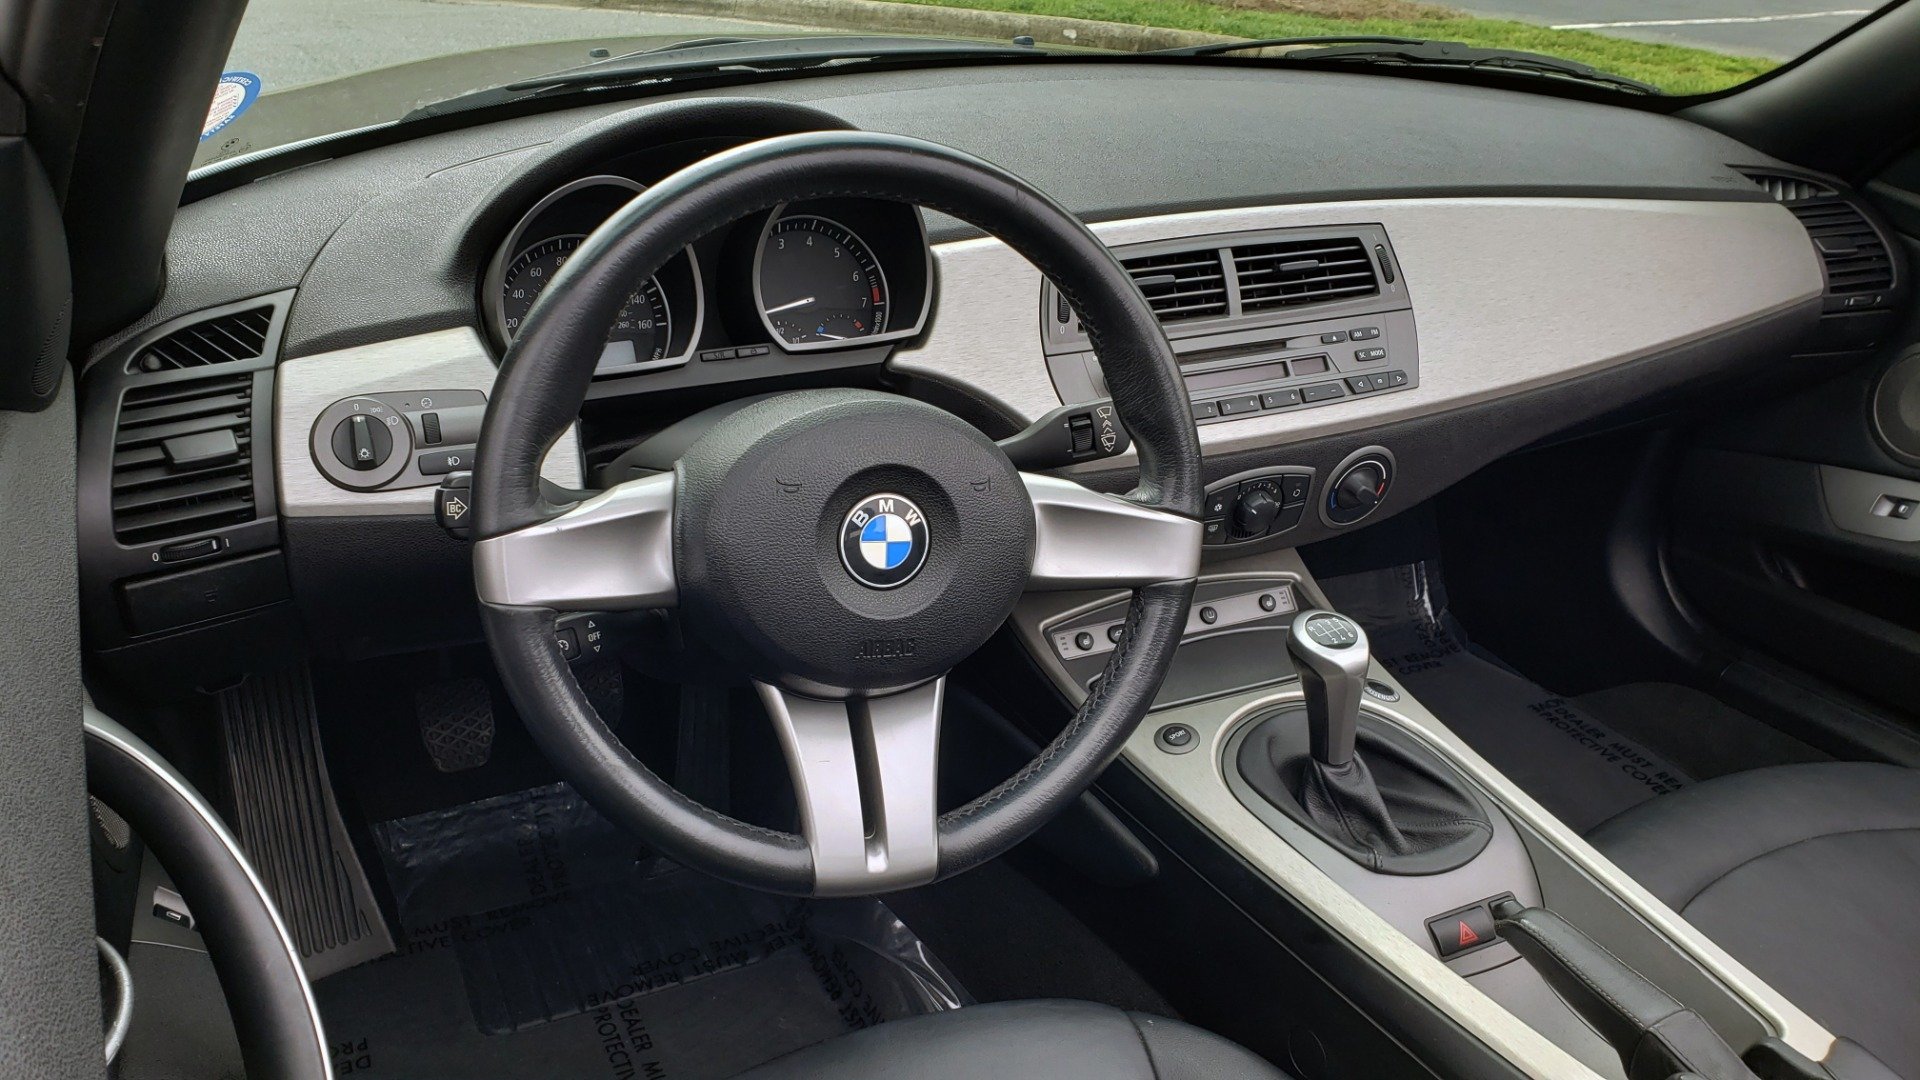 Used 2003 BMW Z4 3.0i ROADSTER / 6-SPD MAN / PREMIUM PKG / SPORT PKG / HTD STS for sale Sold at Formula Imports in Charlotte NC 28227 33